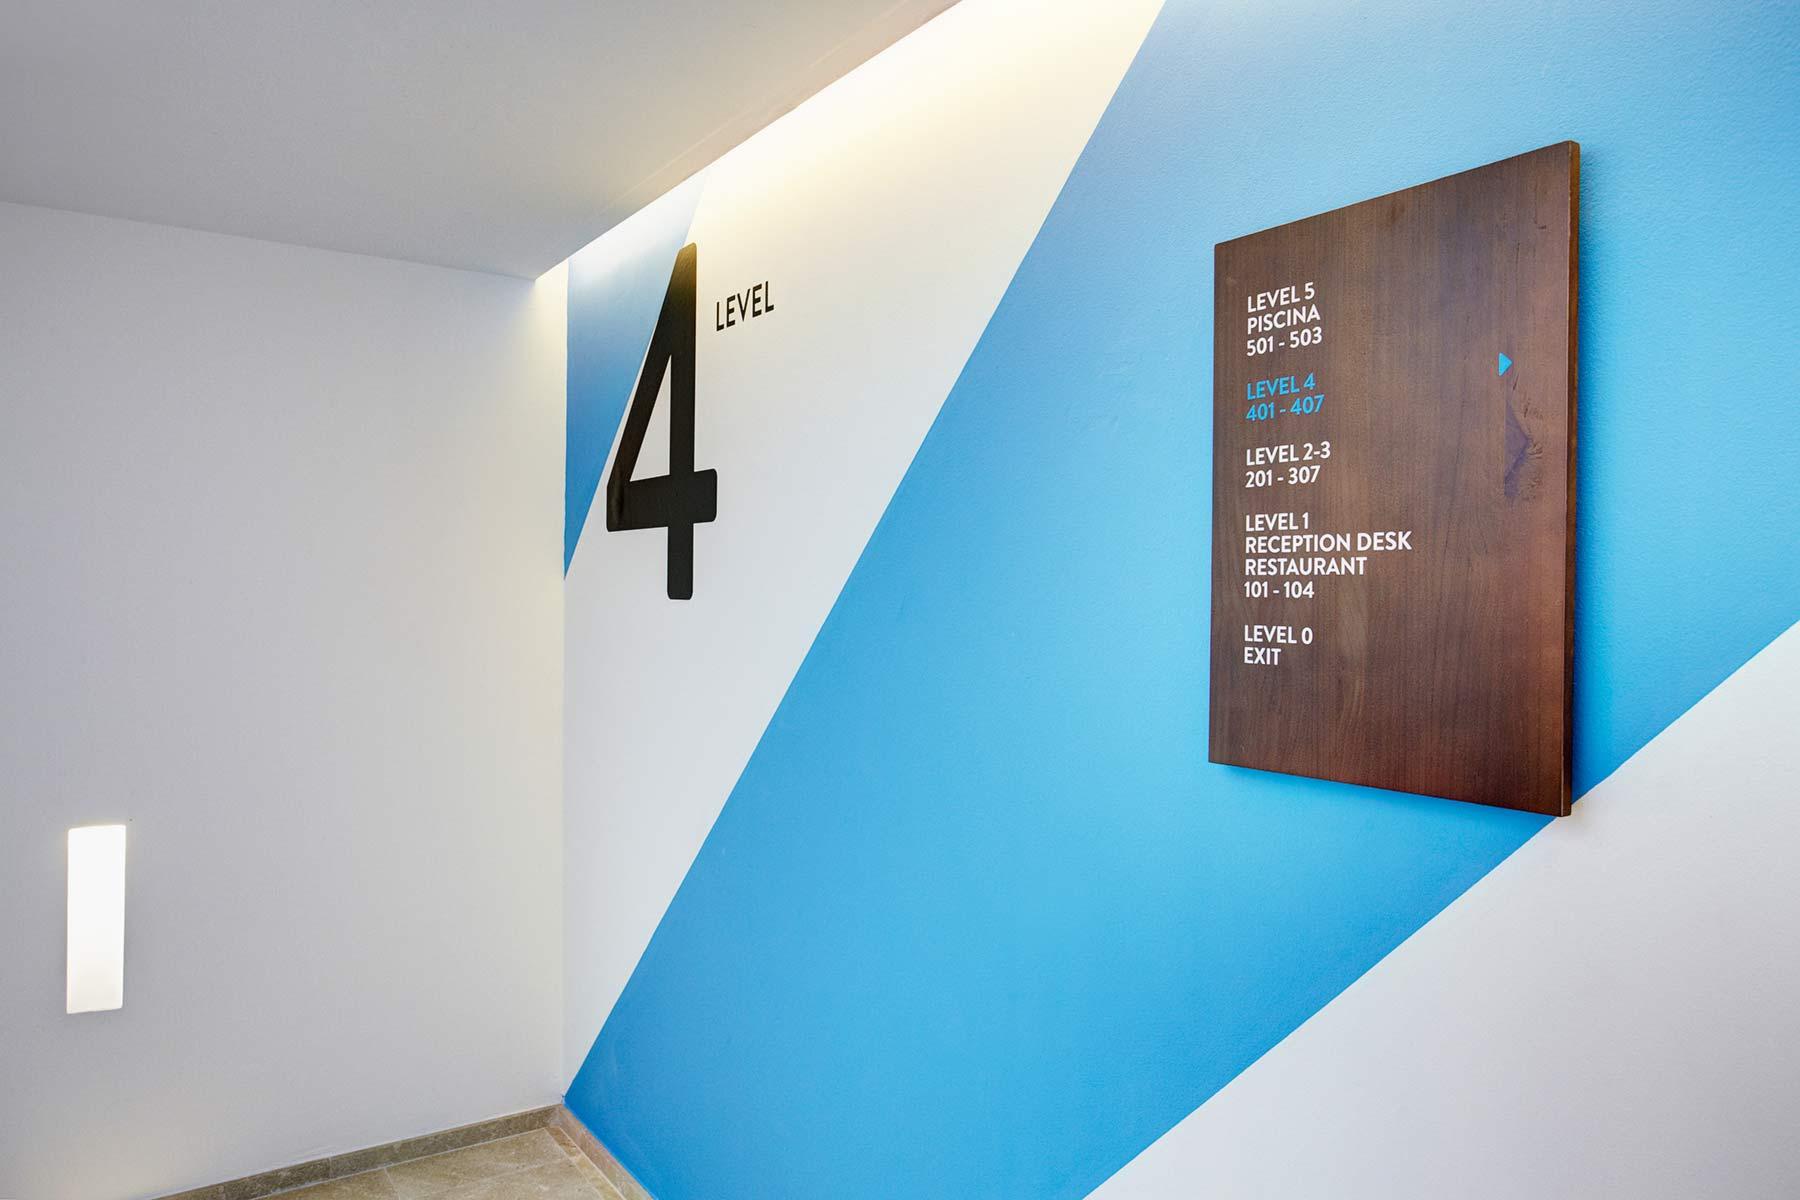 La Goleta hotel de mar identidad visual señalética